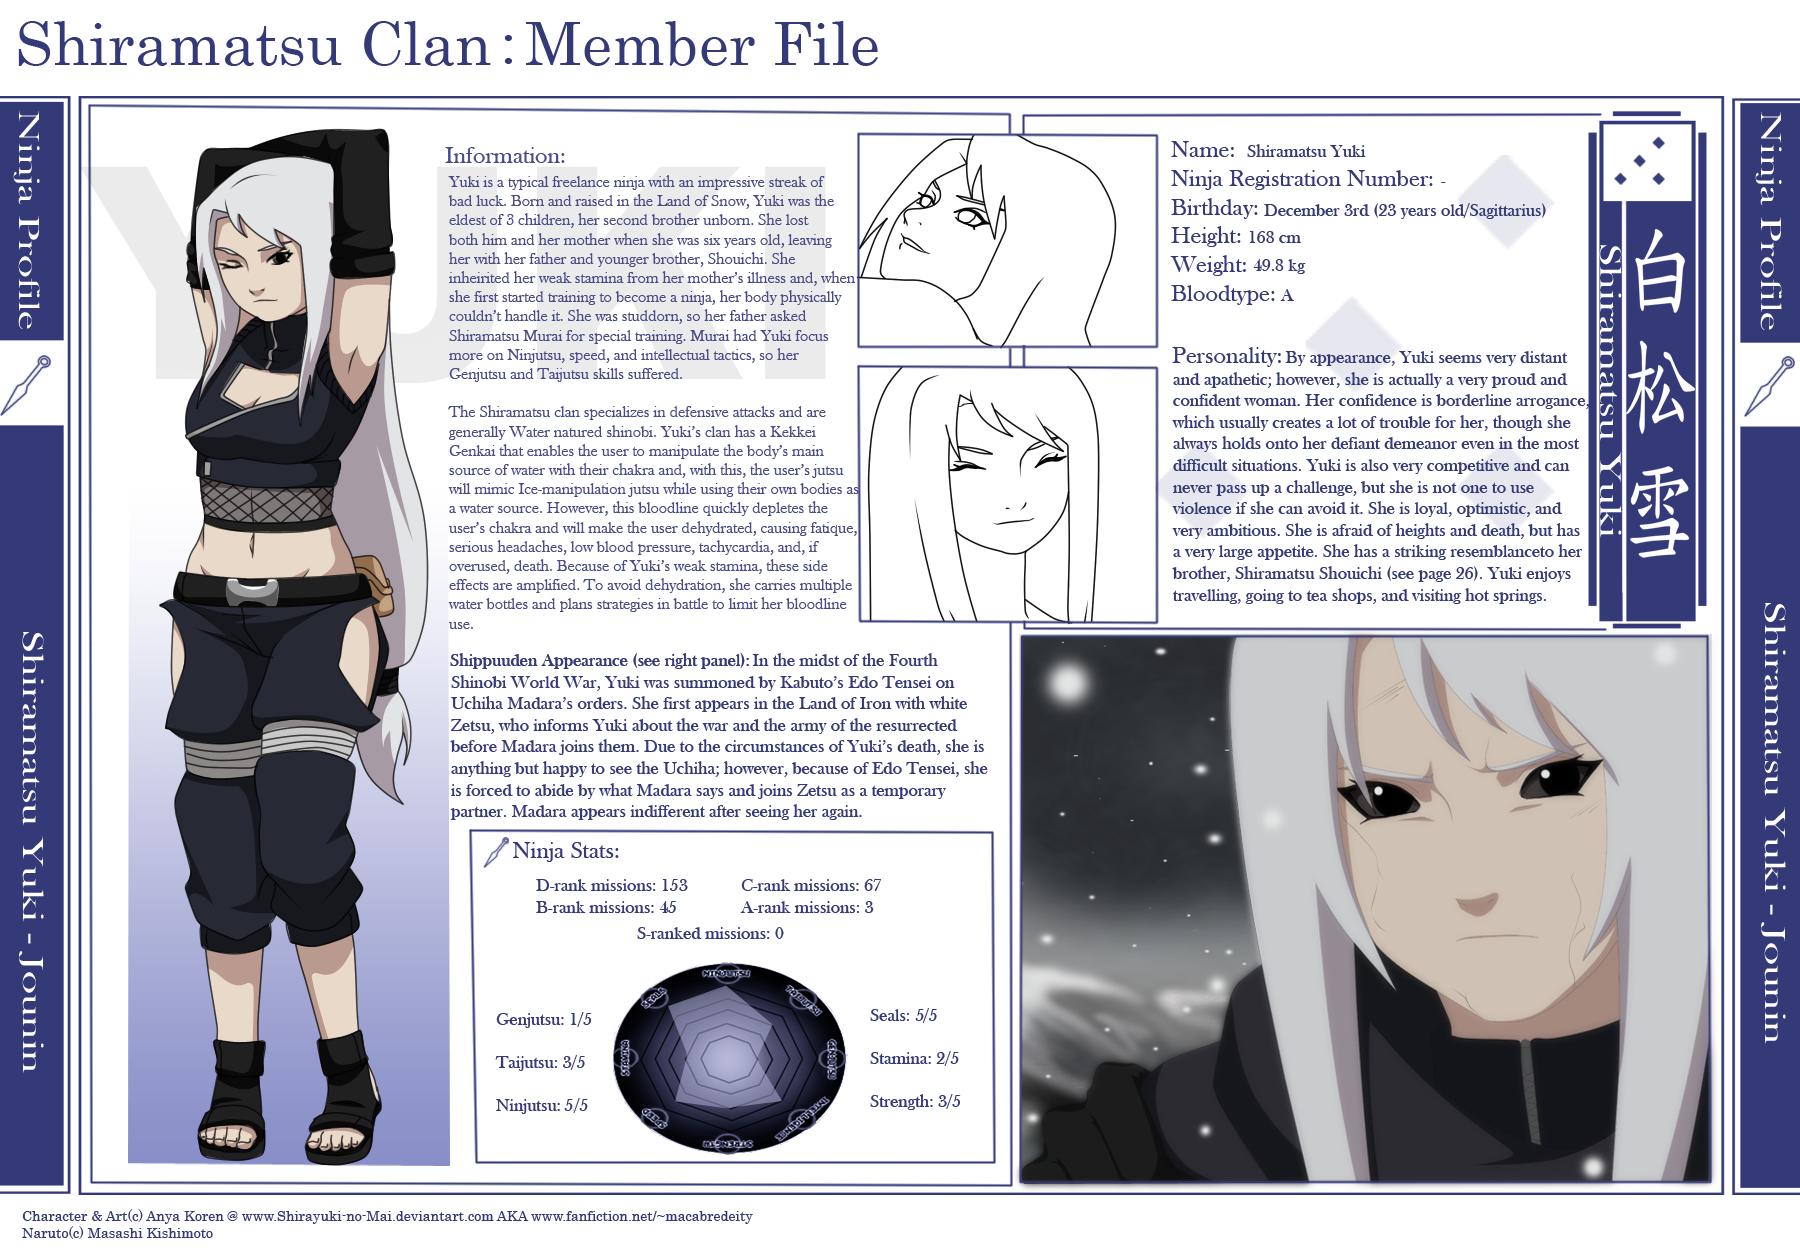 Shiramatsu Yuki Info Sheet By Shirayuki No Mai On Deviantart